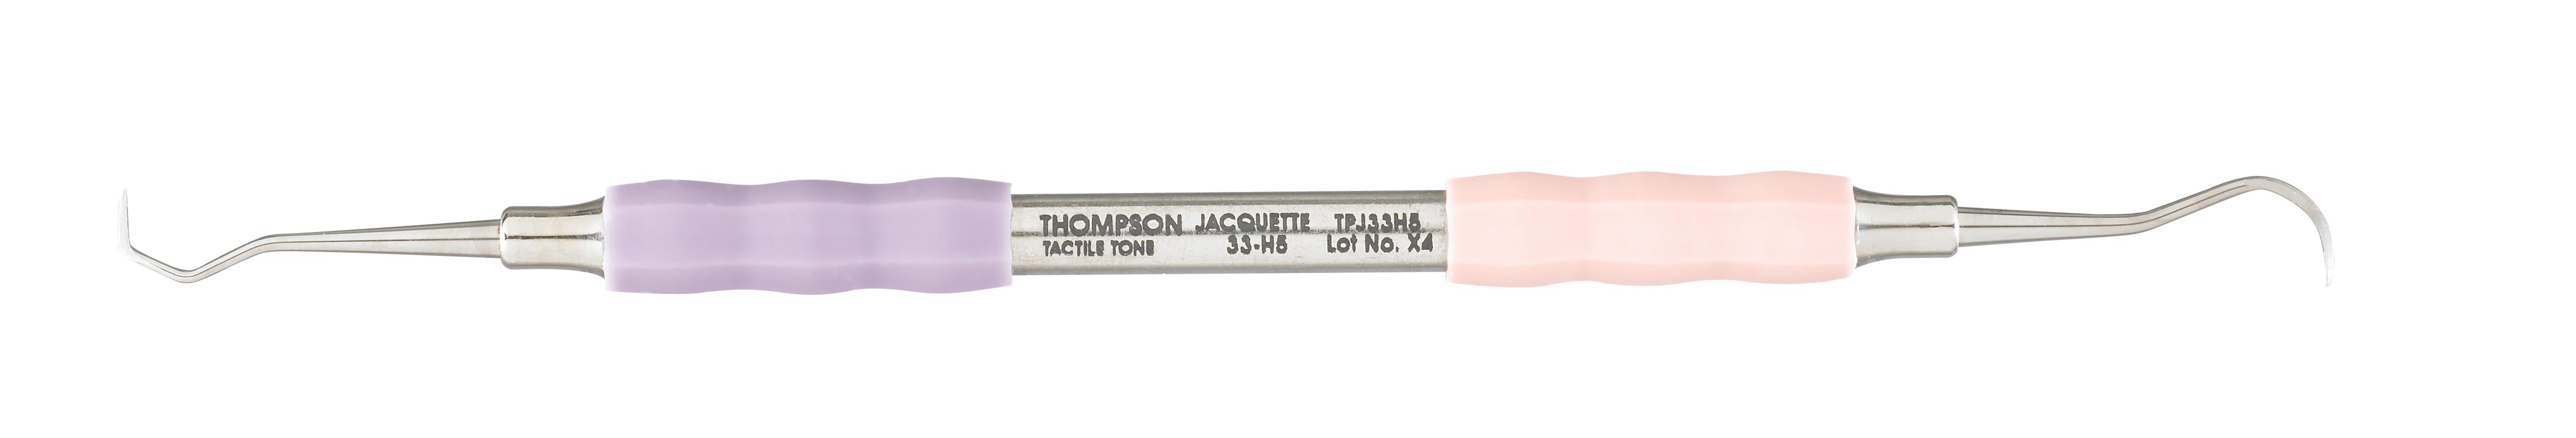 33-h5-jacquette-scaler-tactile-tone-double-end-tpj33h5-miltex.jpg